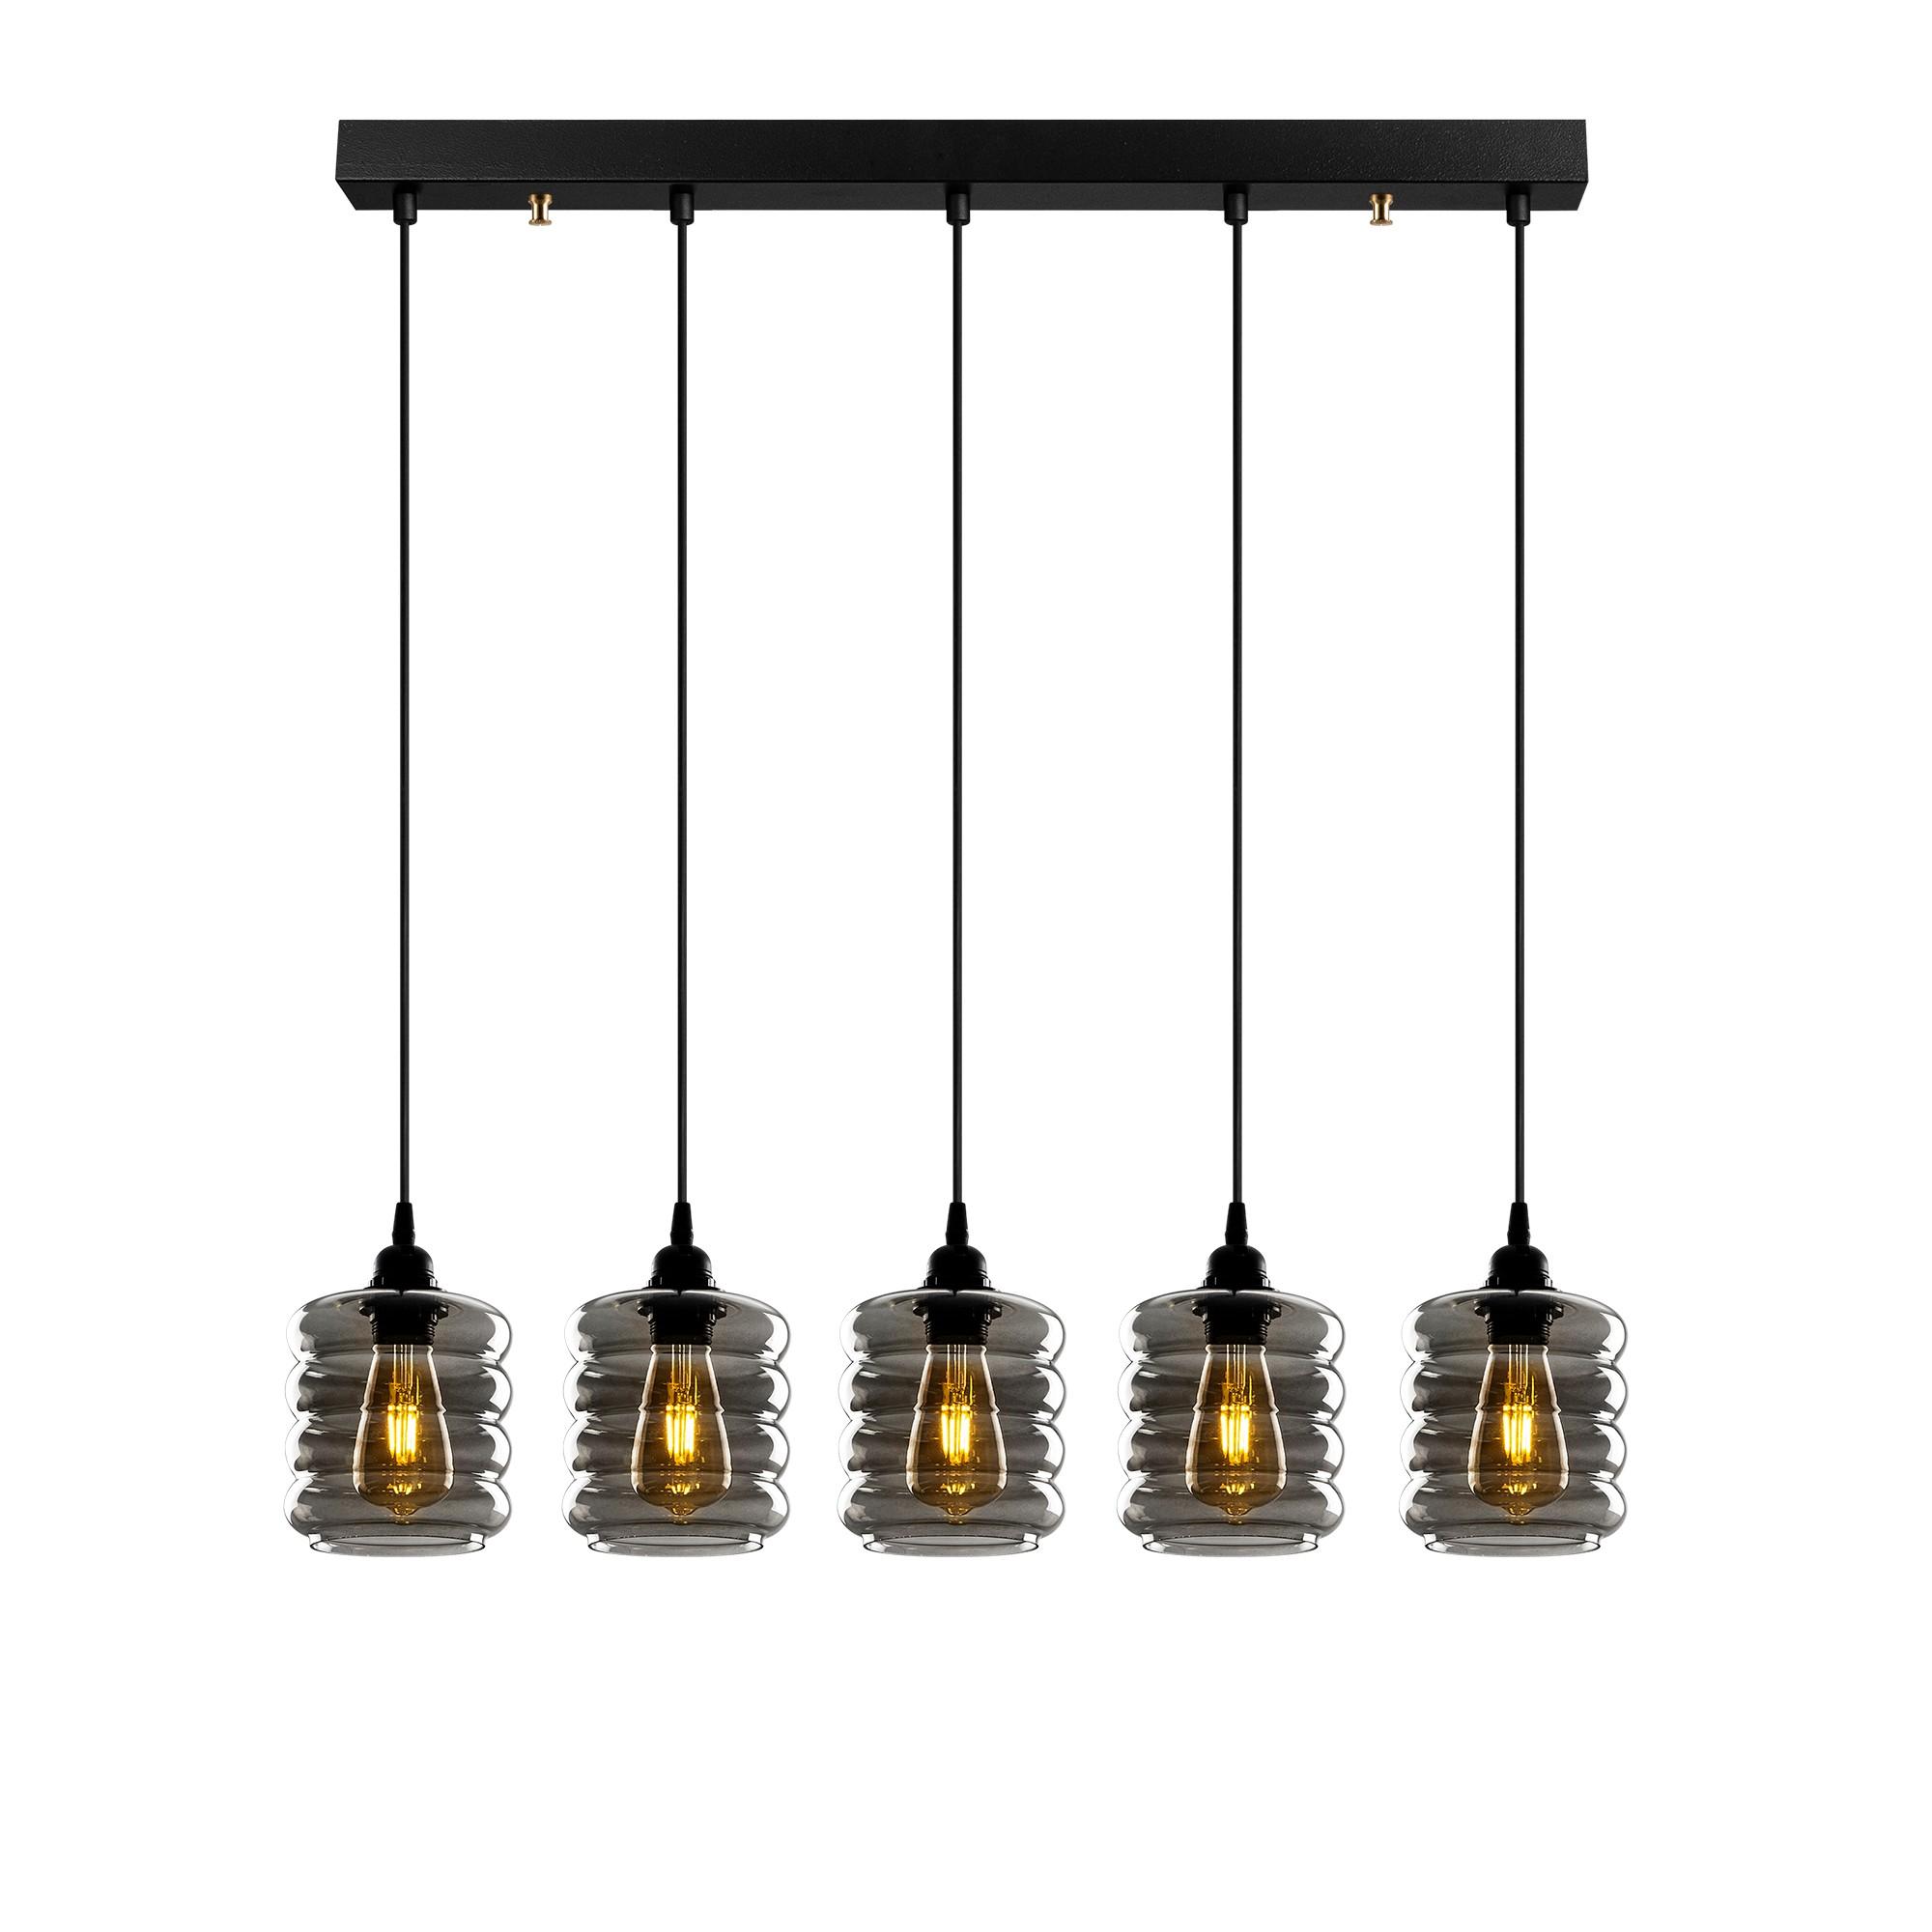 Hanglamp gerookt glas 5 keer e27 fitting IP20 - vooraanzicht lampen aan